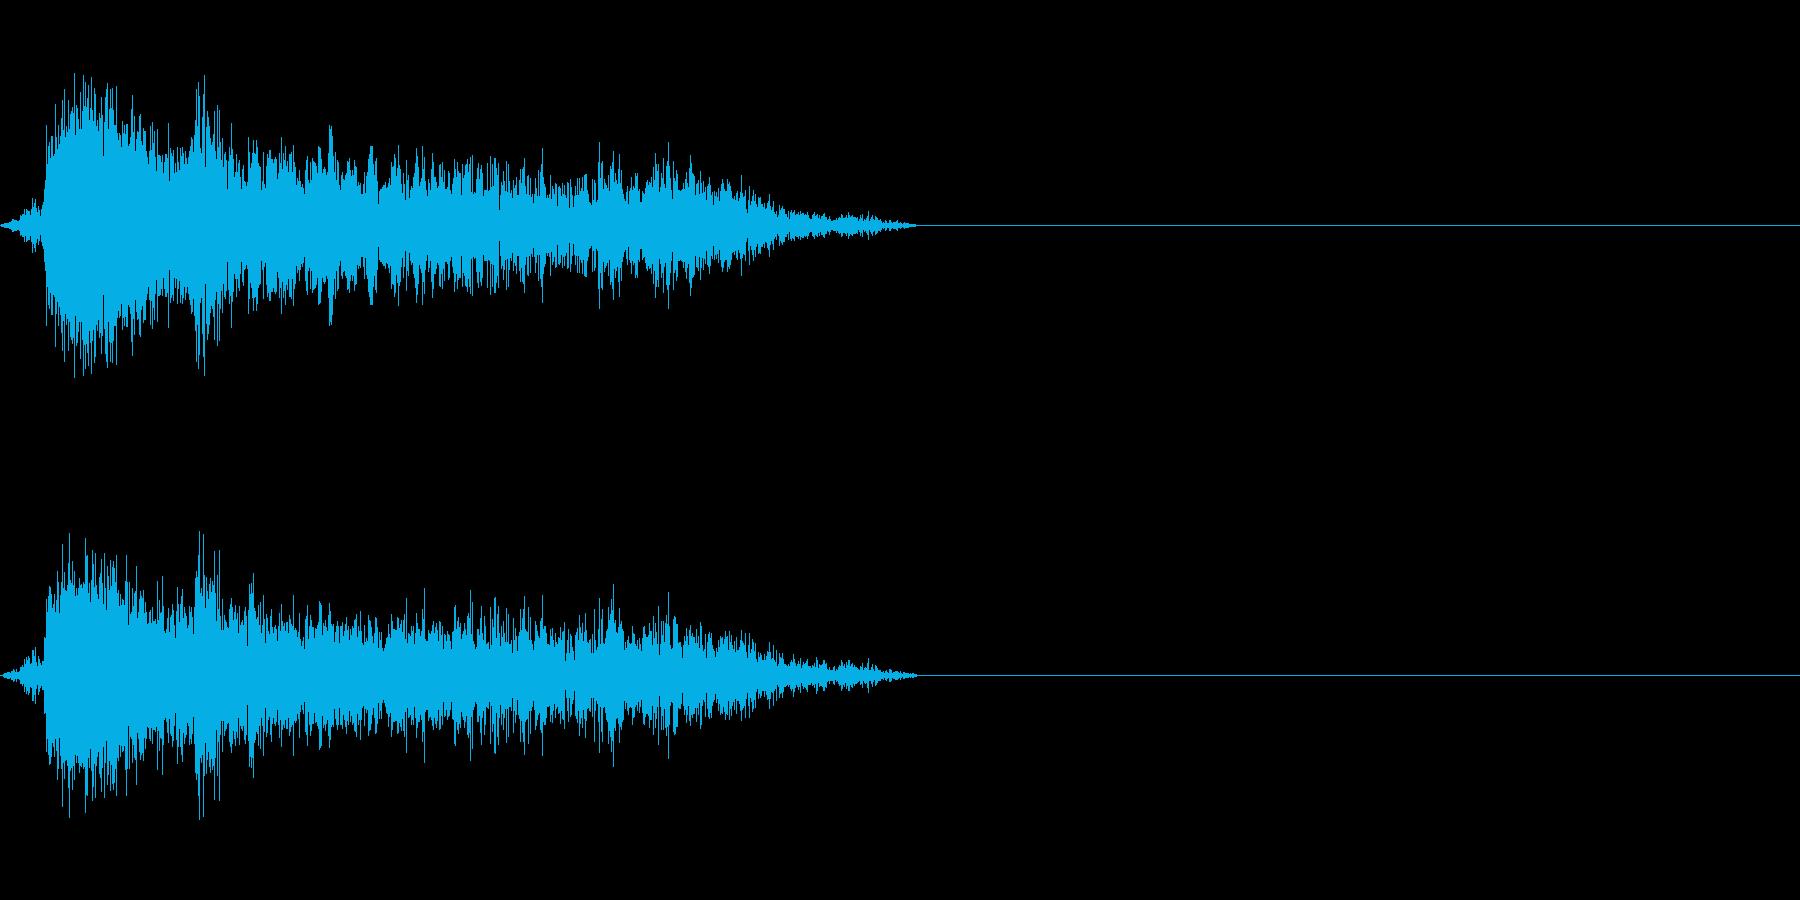 空気圧の音(ドアや工場などに)の再生済みの波形